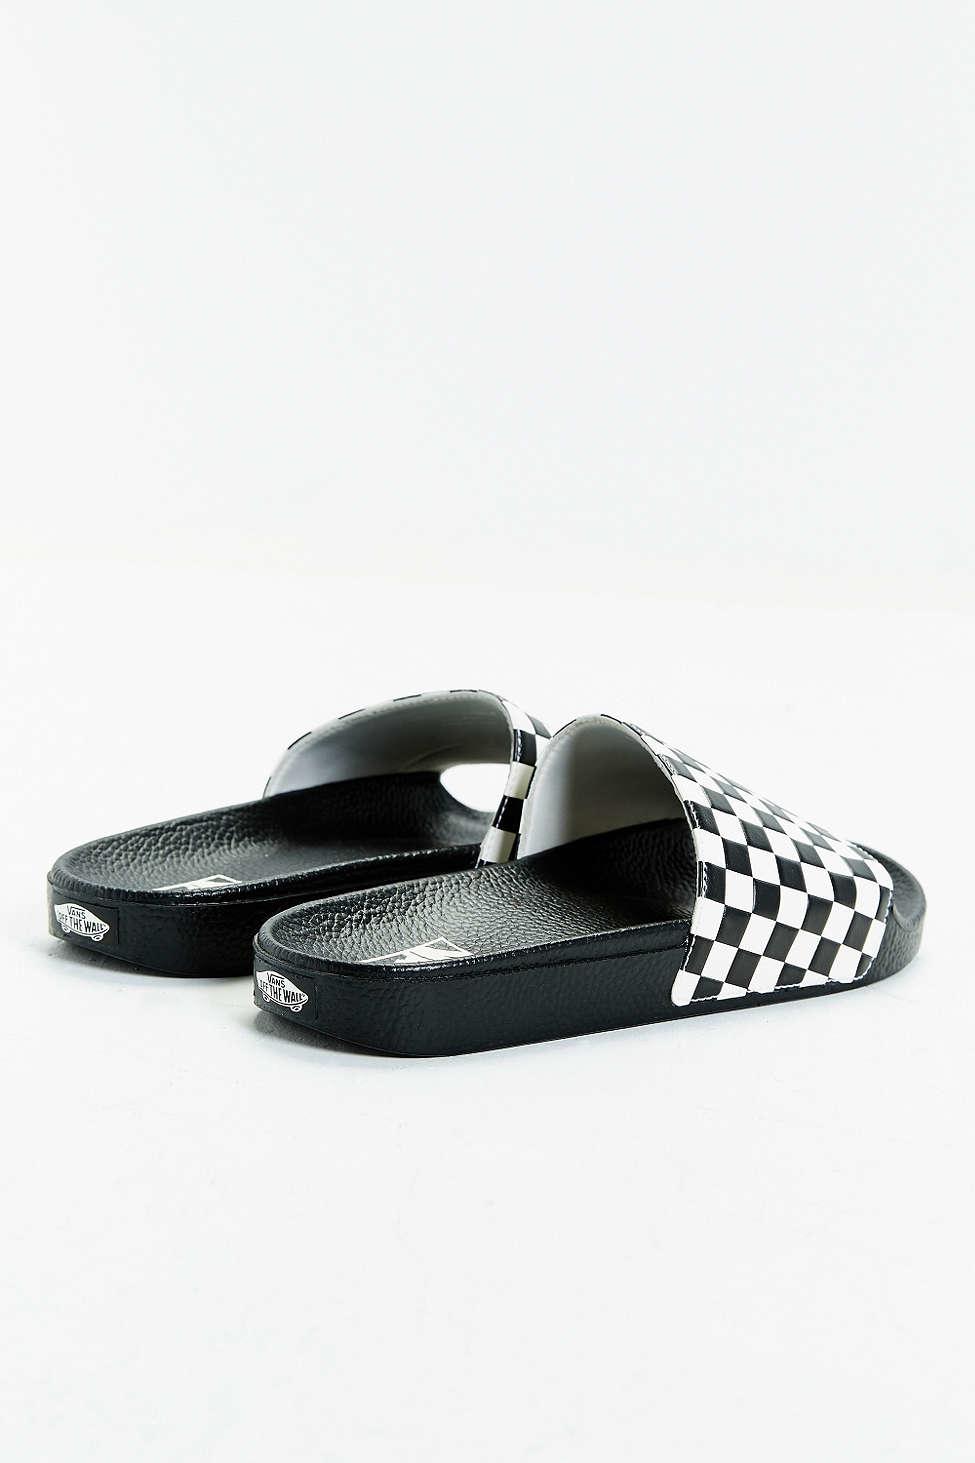 536c0ebb0 Lyst - Vans Slide-on Checkerboard Sandal in White for Men